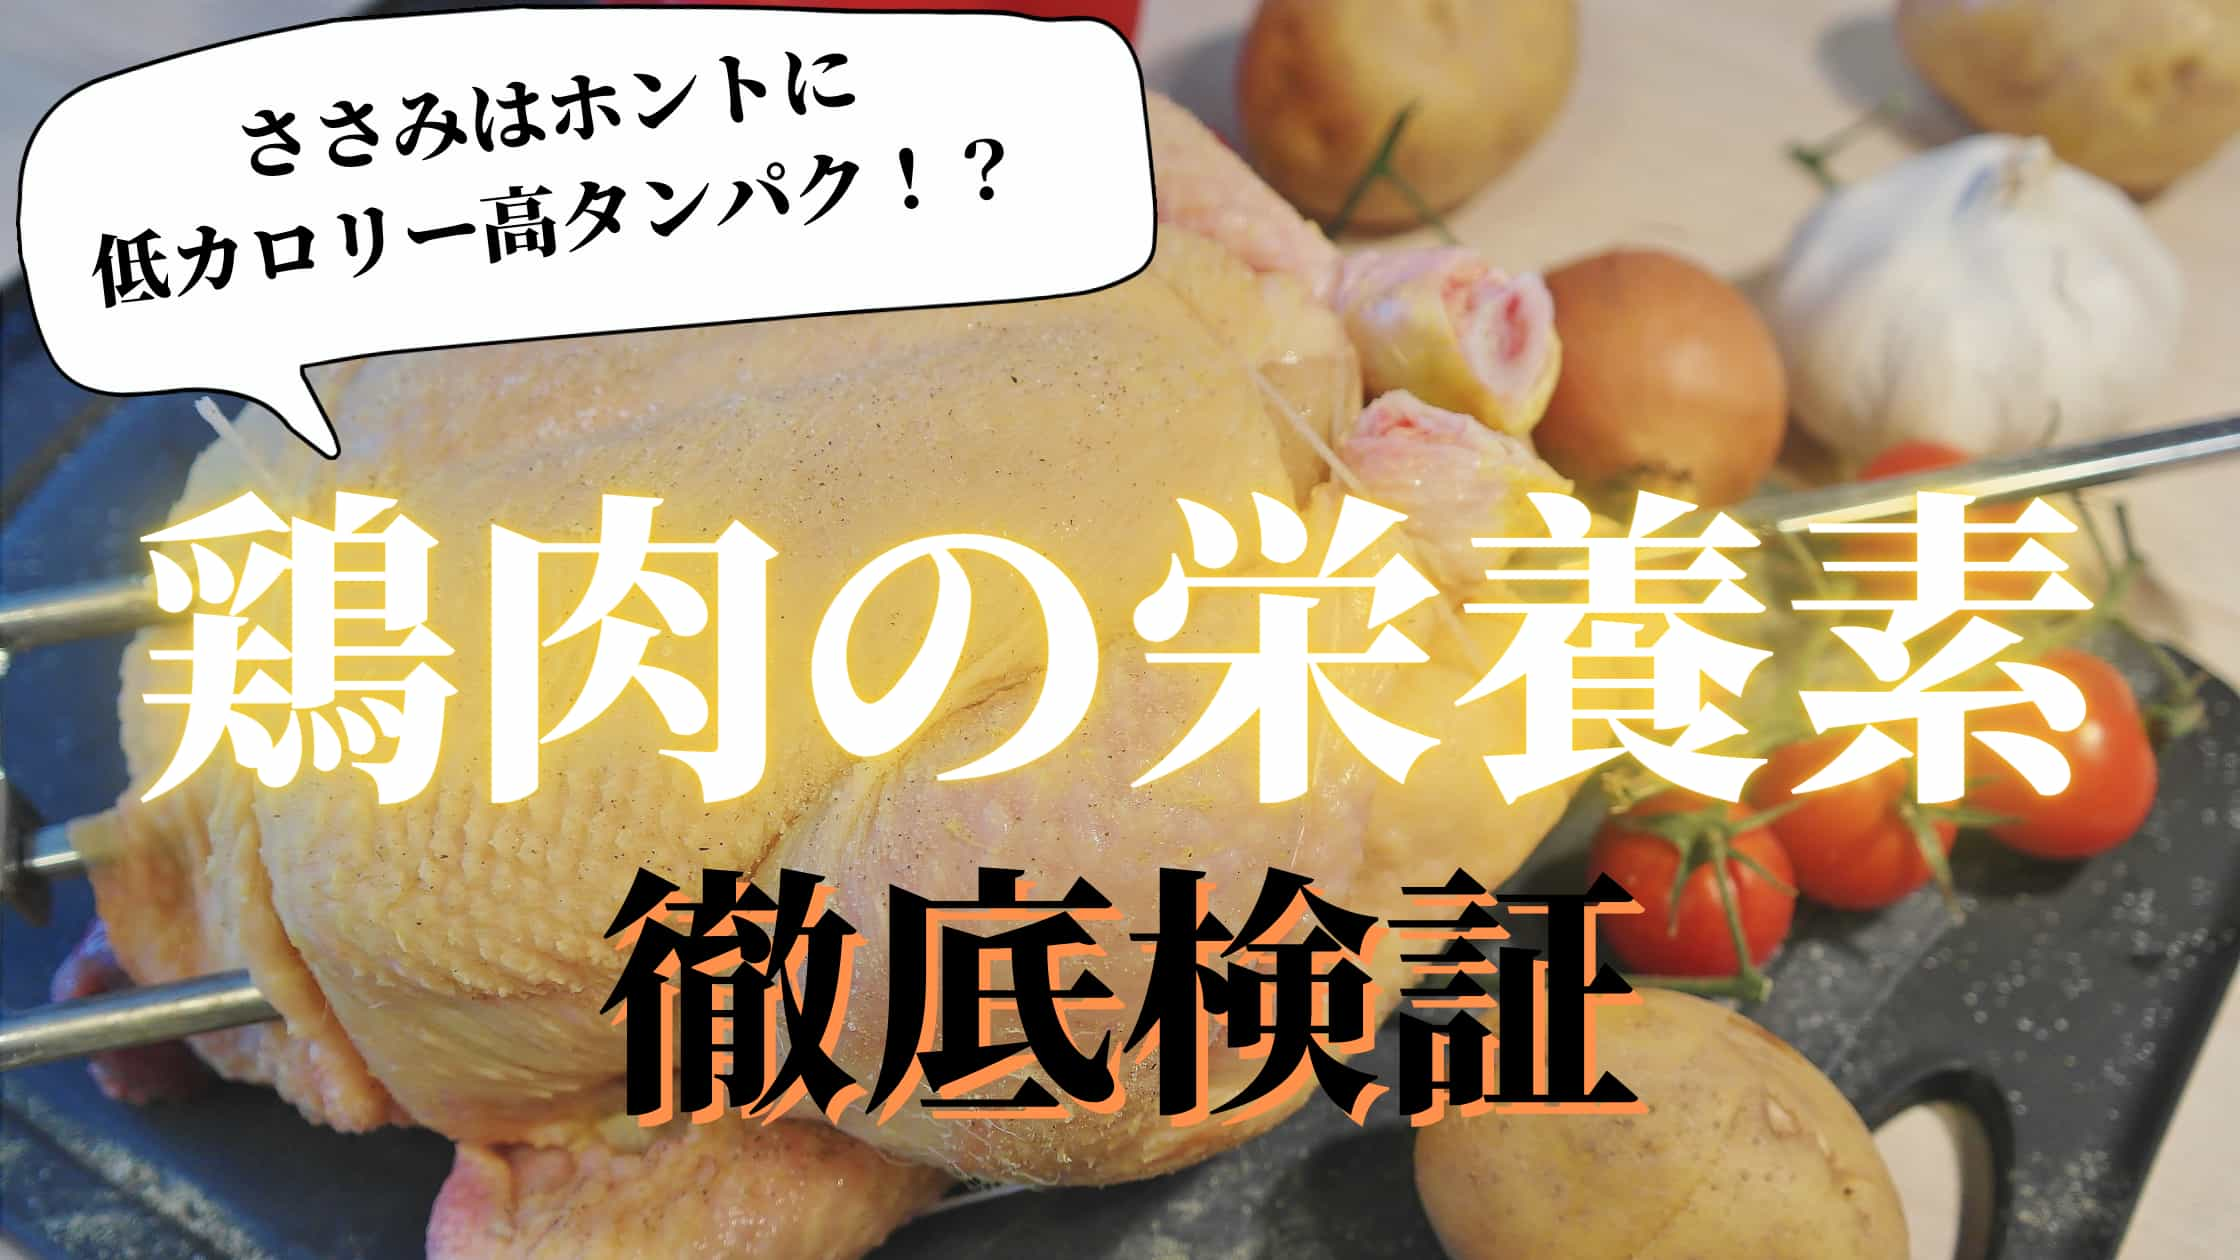 鶏肉の栄養素を徹底解説!LDLコレステロール値が下がる成分入り?